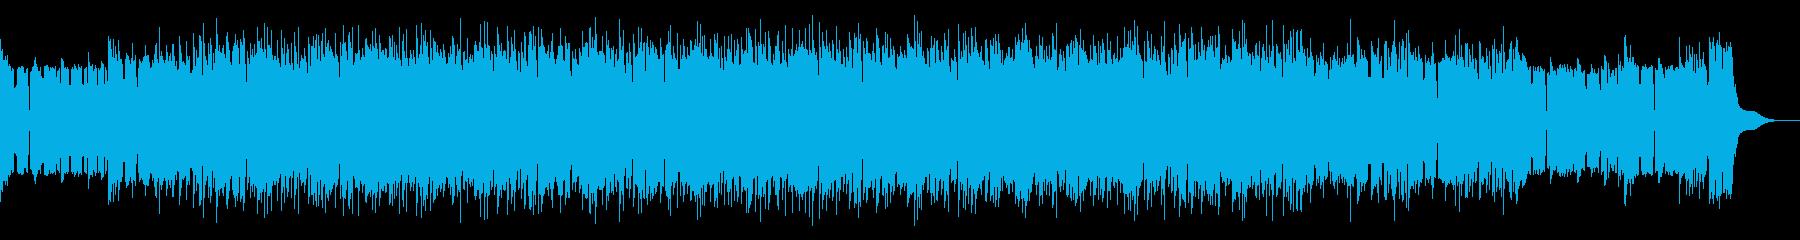 少しダークでアグレッシブなBGMの再生済みの波形